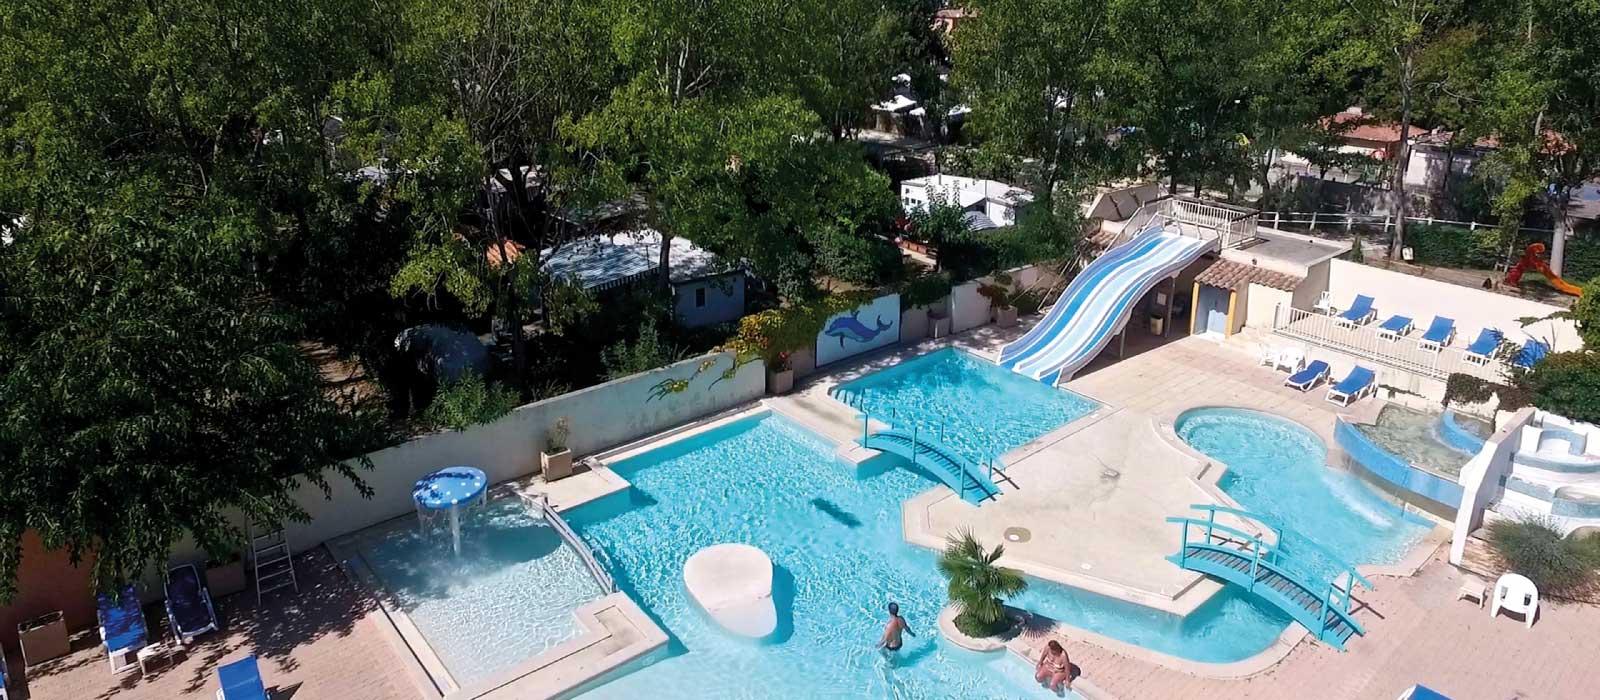 Le parc aquatique avec toboggans dans le camping Les Jardins de Tivoli au Grau du Roi